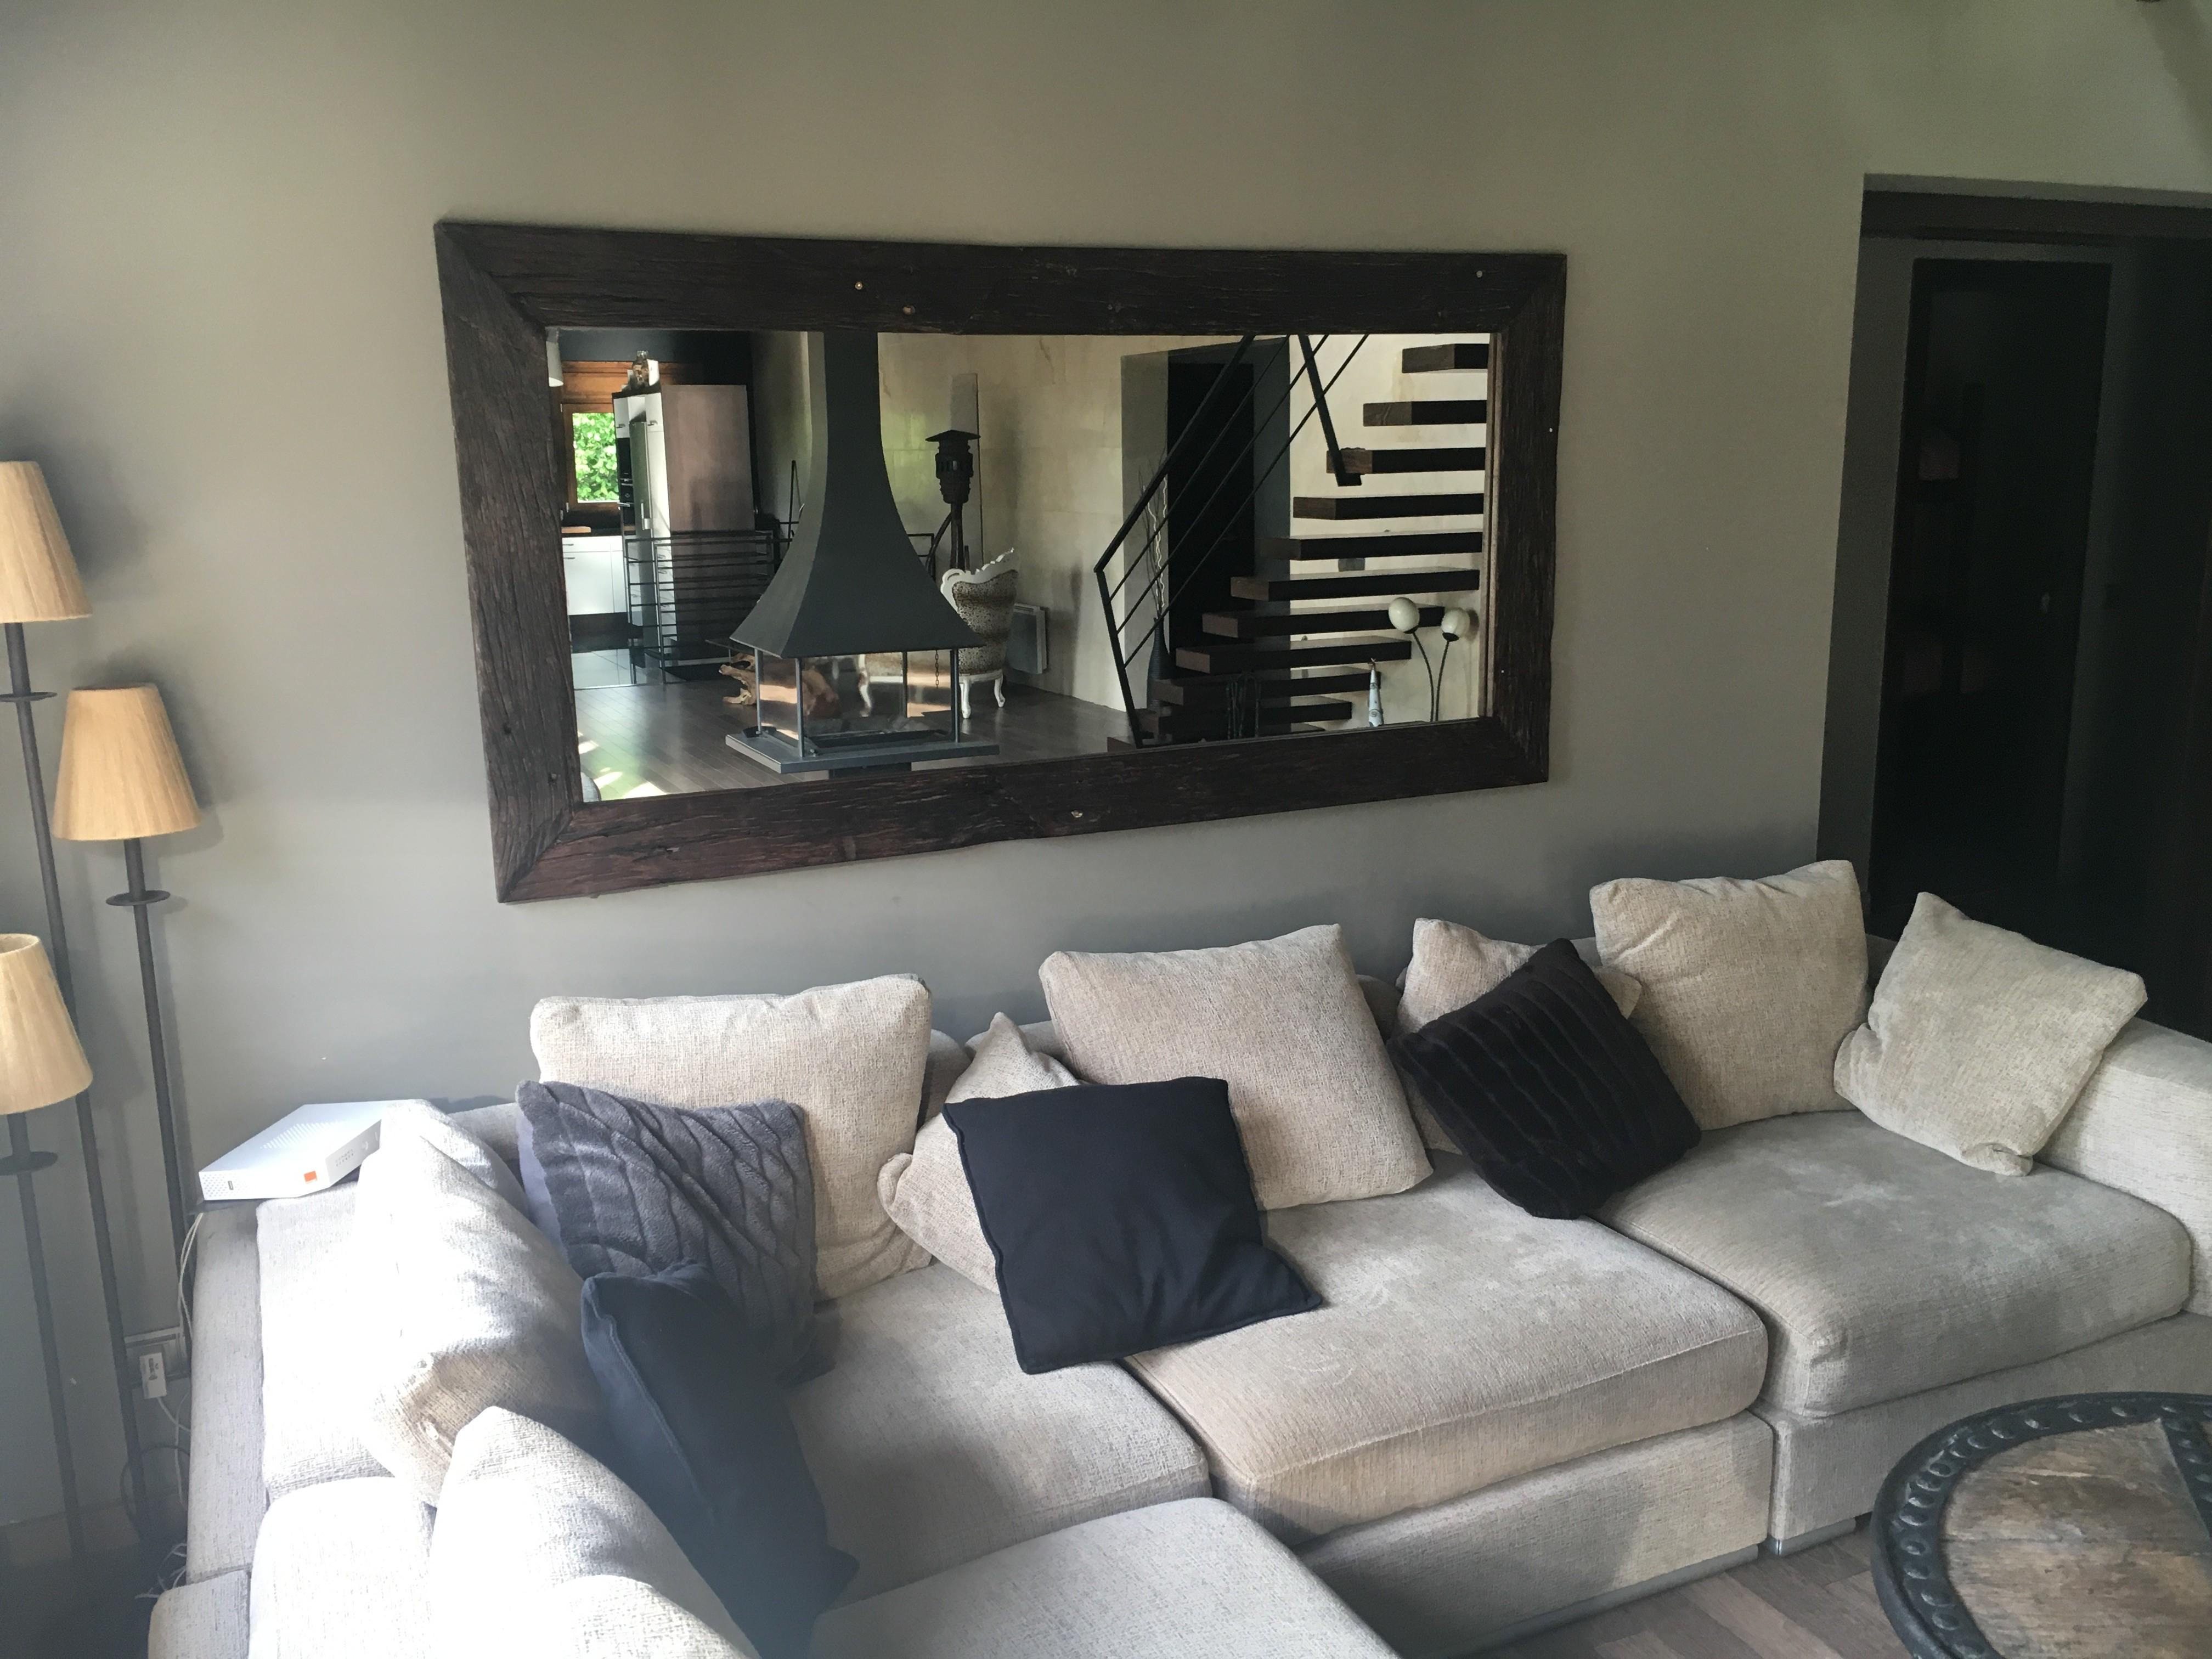 5 accesorios para decorar tu dormitorio. - Blog de interiorismo y ...